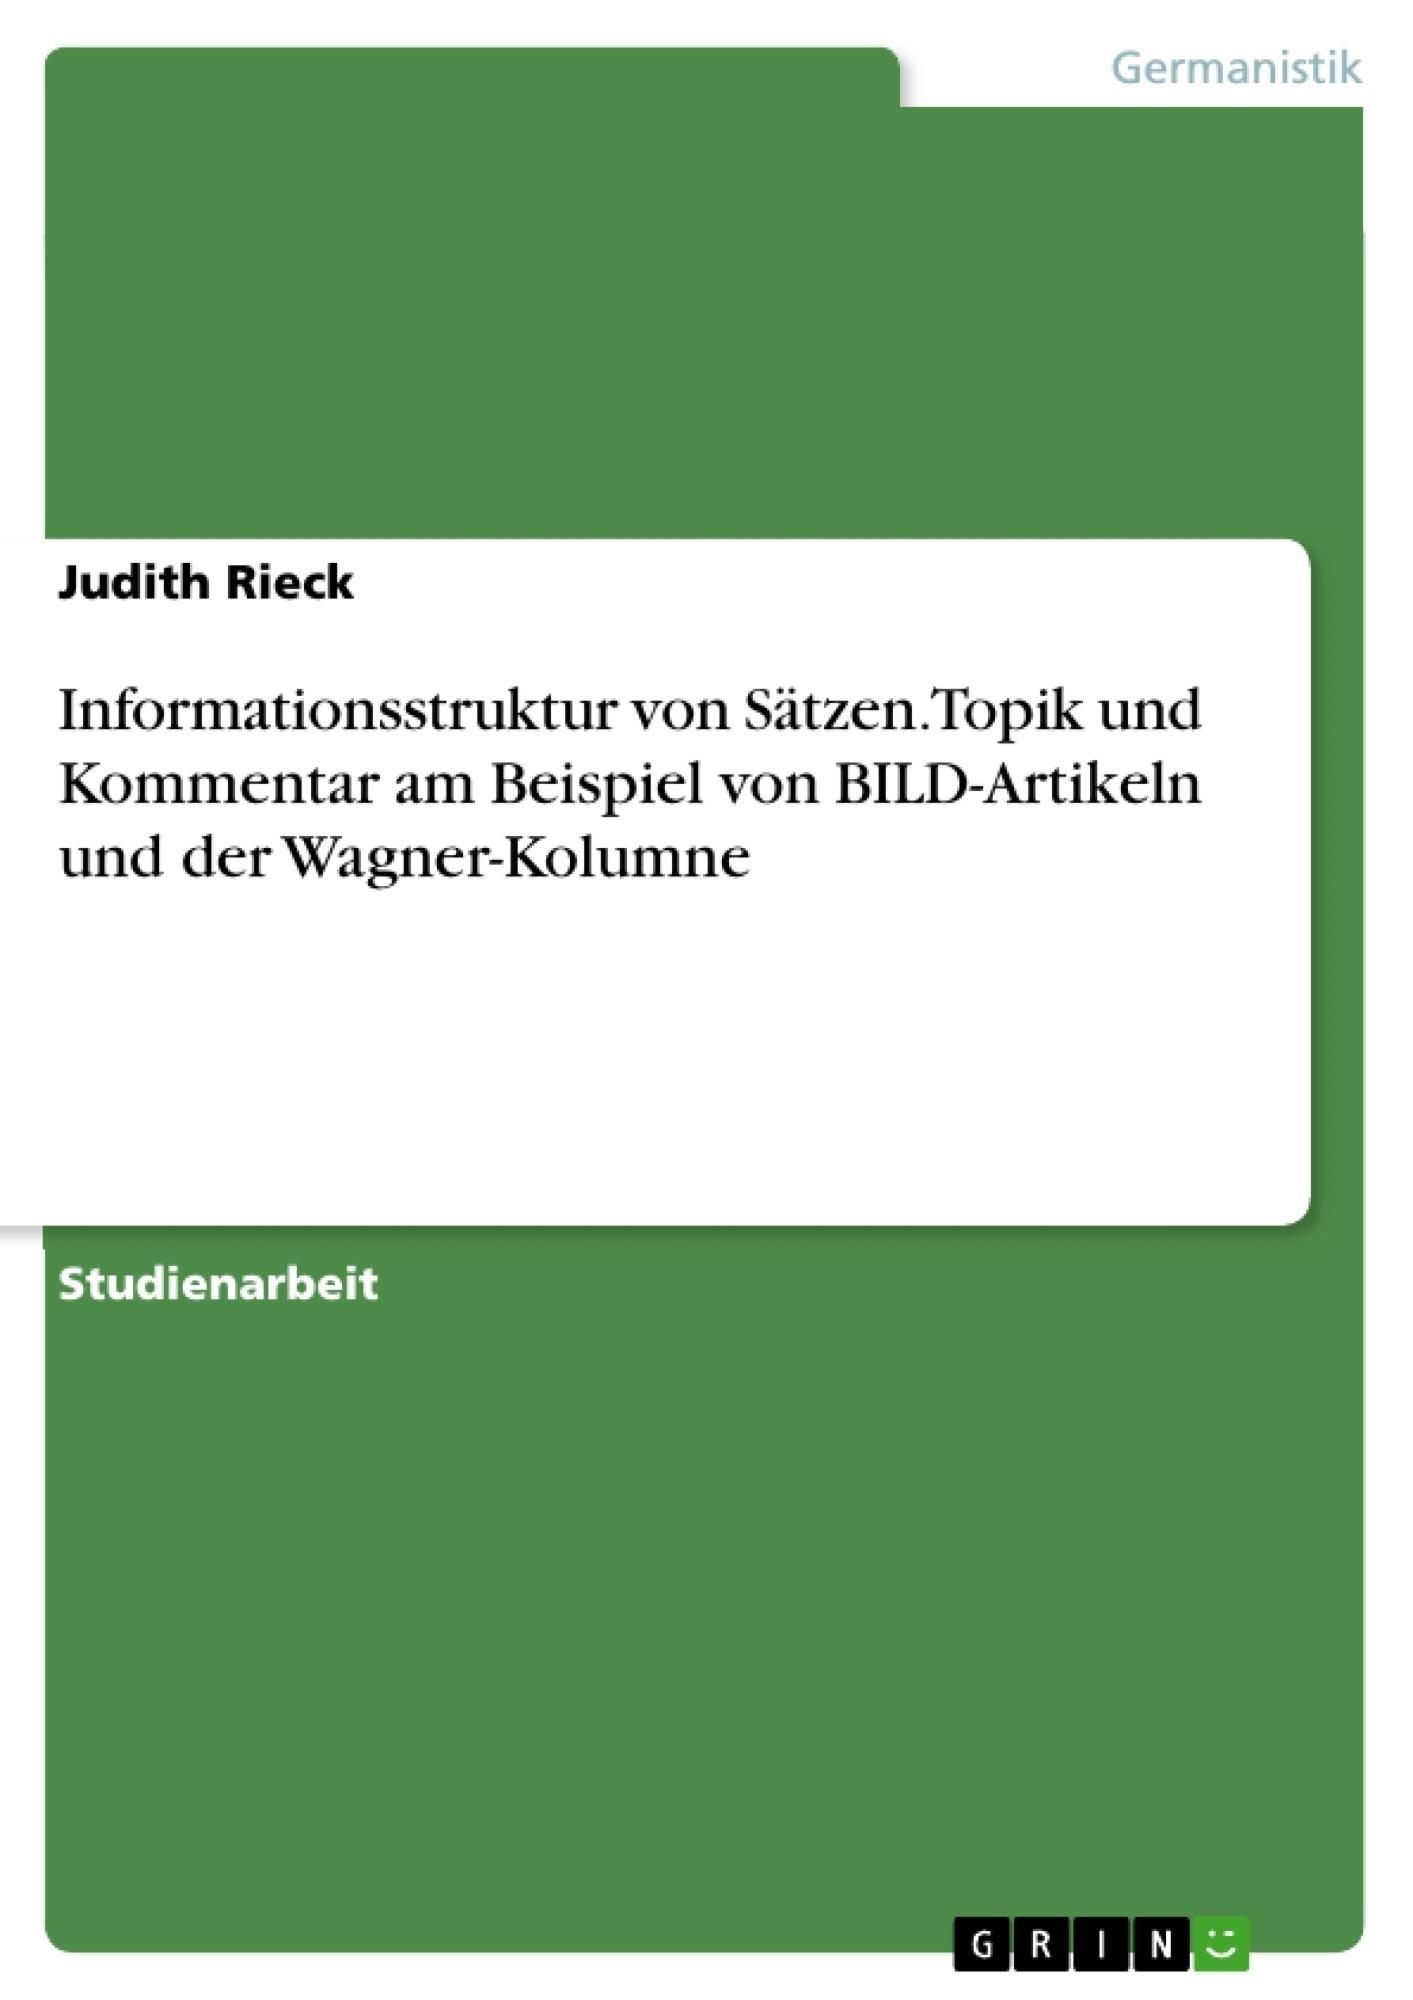 Titel: Informationsstruktur von Sätzen. Topik und Kommentar am Beispiel von BILD-Artikeln und der Wagner-Kolumne